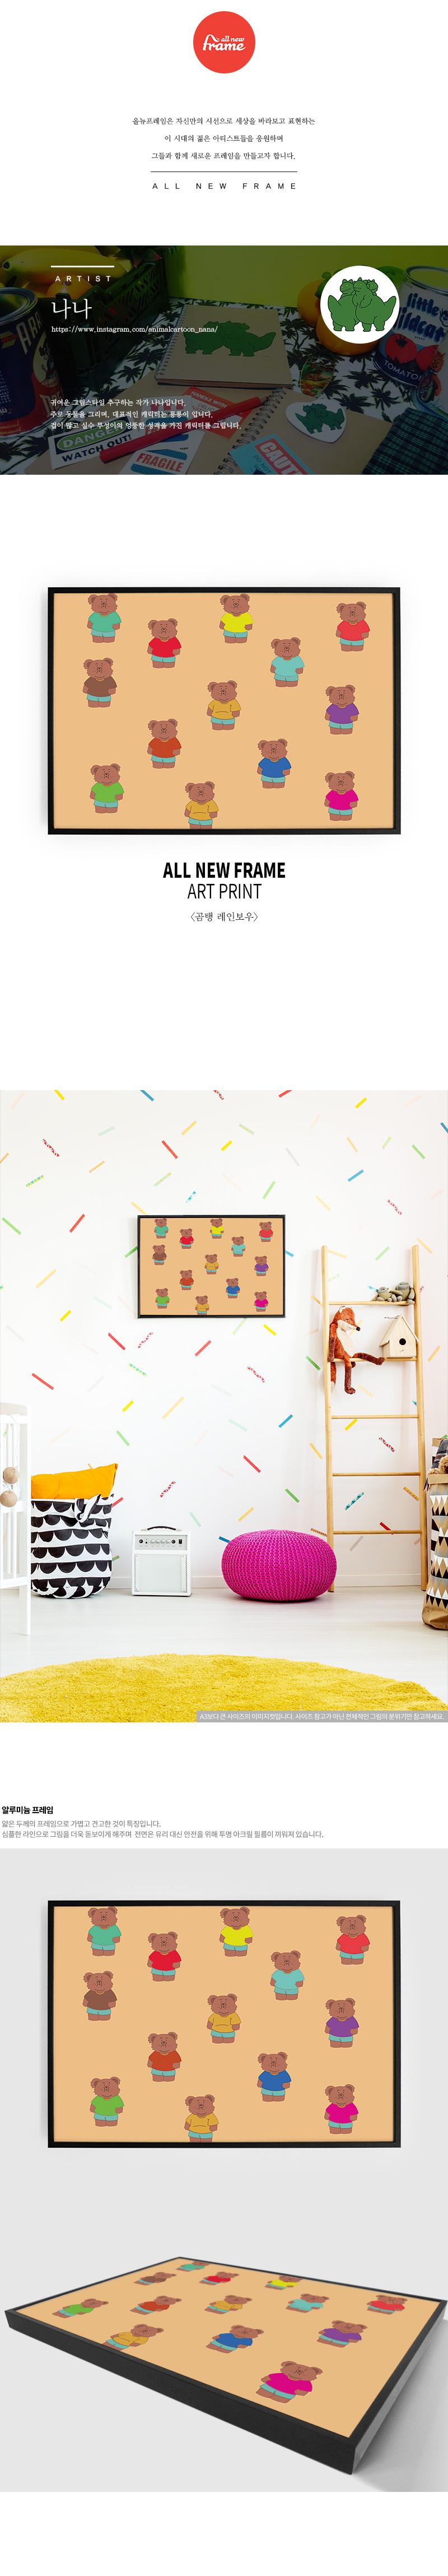 곰탱 레인보우- 일러스트 액자 - 올뉴프레임, 55,000원, 홈갤러리, 캔버스아트